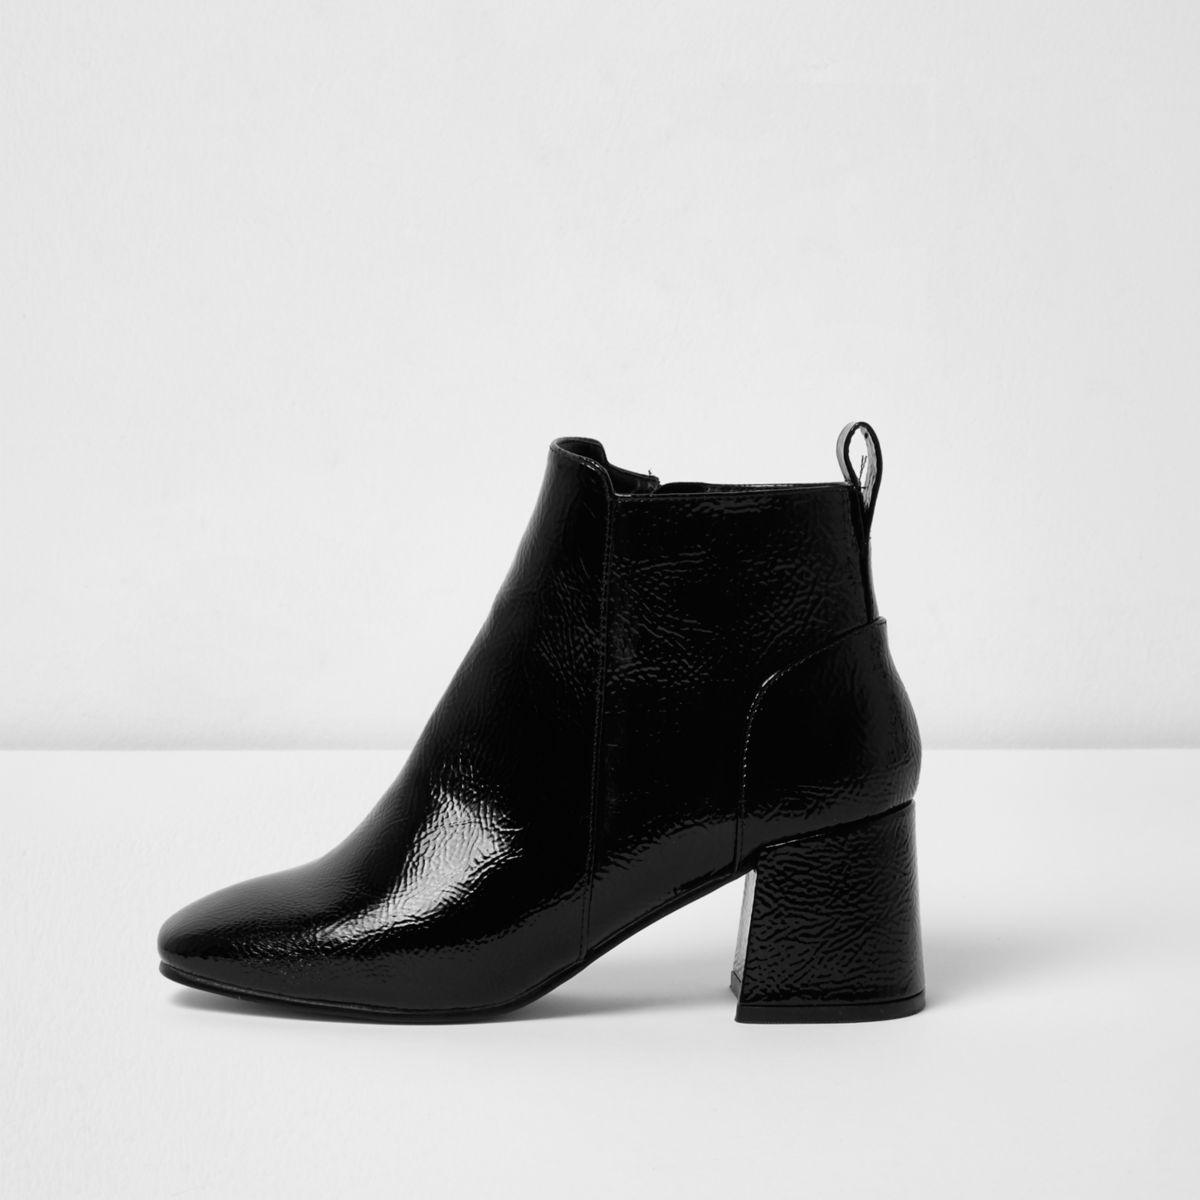 Zwarte lakleren laarzen met blokhak en vierkante neus